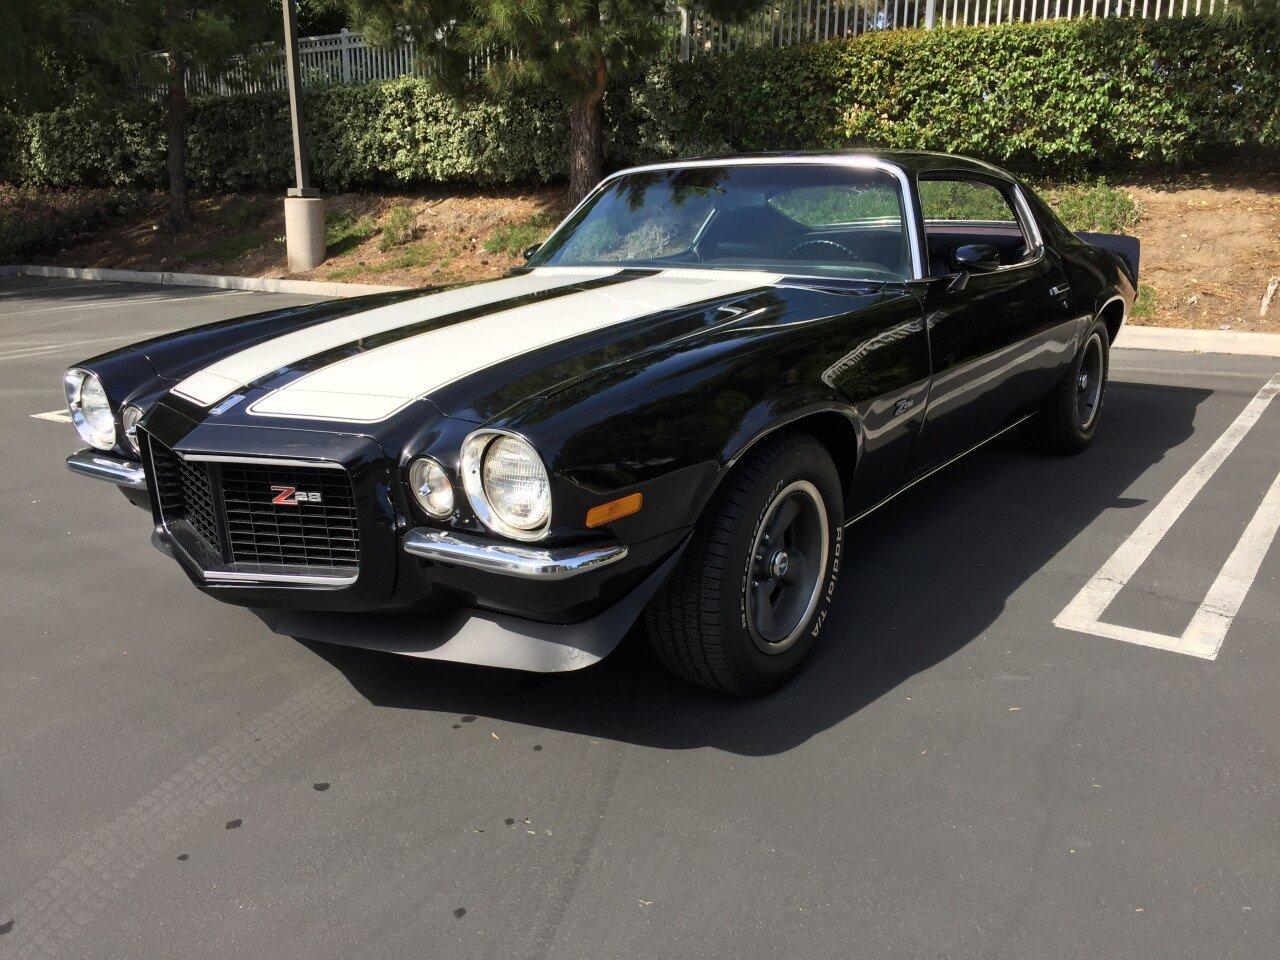 1970 Chevrolet Camaro Z28 For Sale Near Irvine California